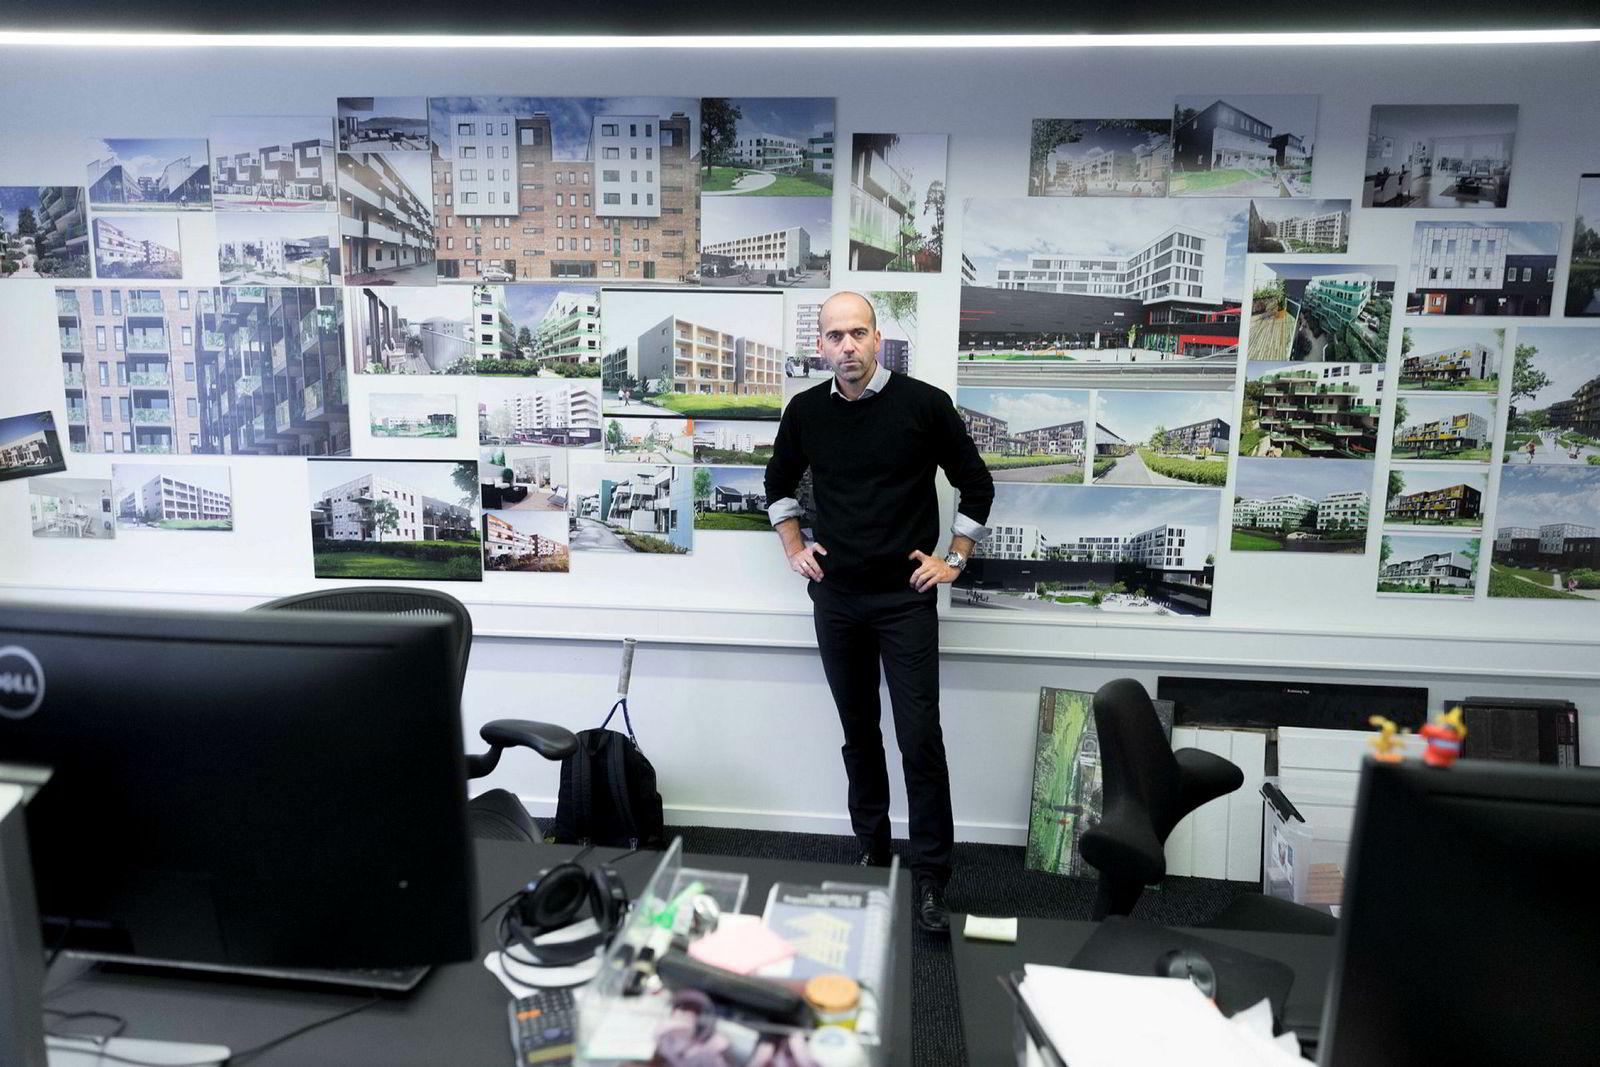 På få år har TAG vokst til å bli blant de største boligarkitektene i landet. Boligprosjektene Tiedemannsbyen i Oslo og Toppen i Trondheim er blant prosjektene TAG-sjef Lars Eirik Ulseth har jobbet på.